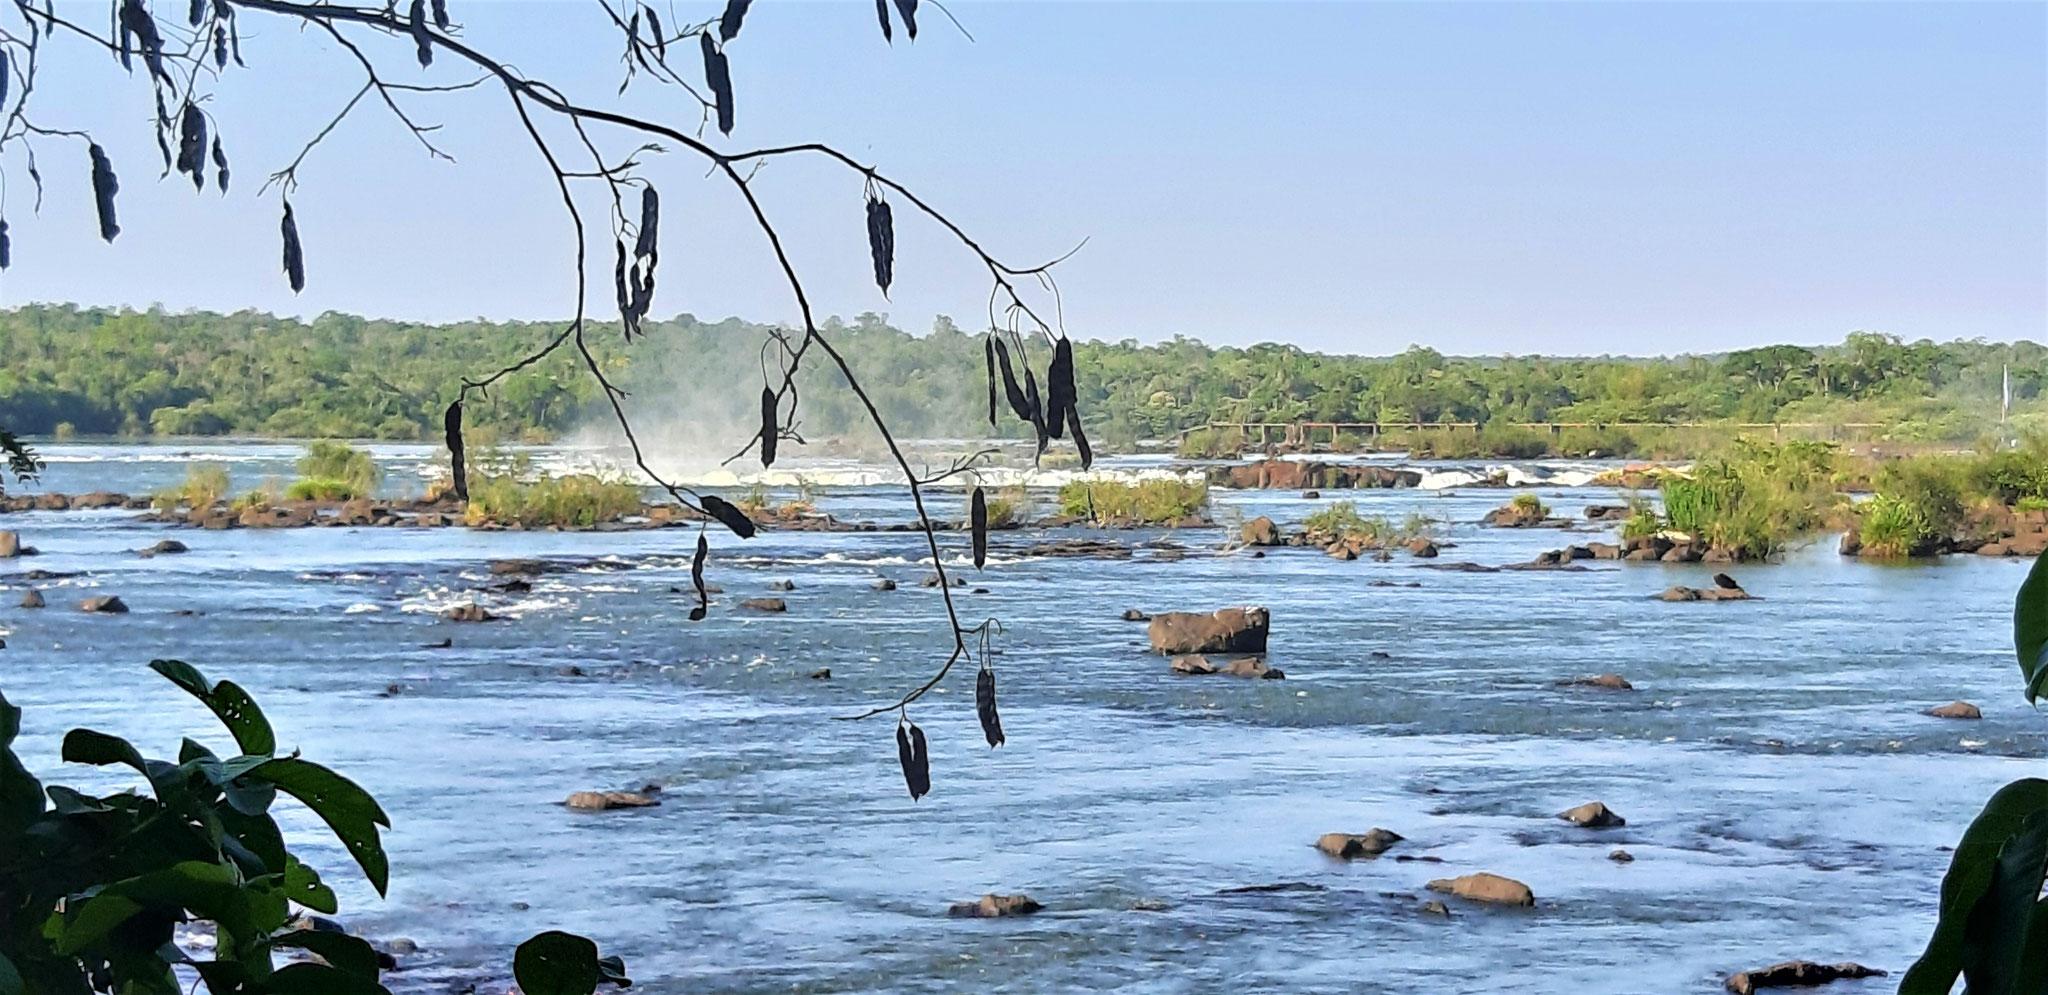 hier fließt der Iguazu noch still dahin